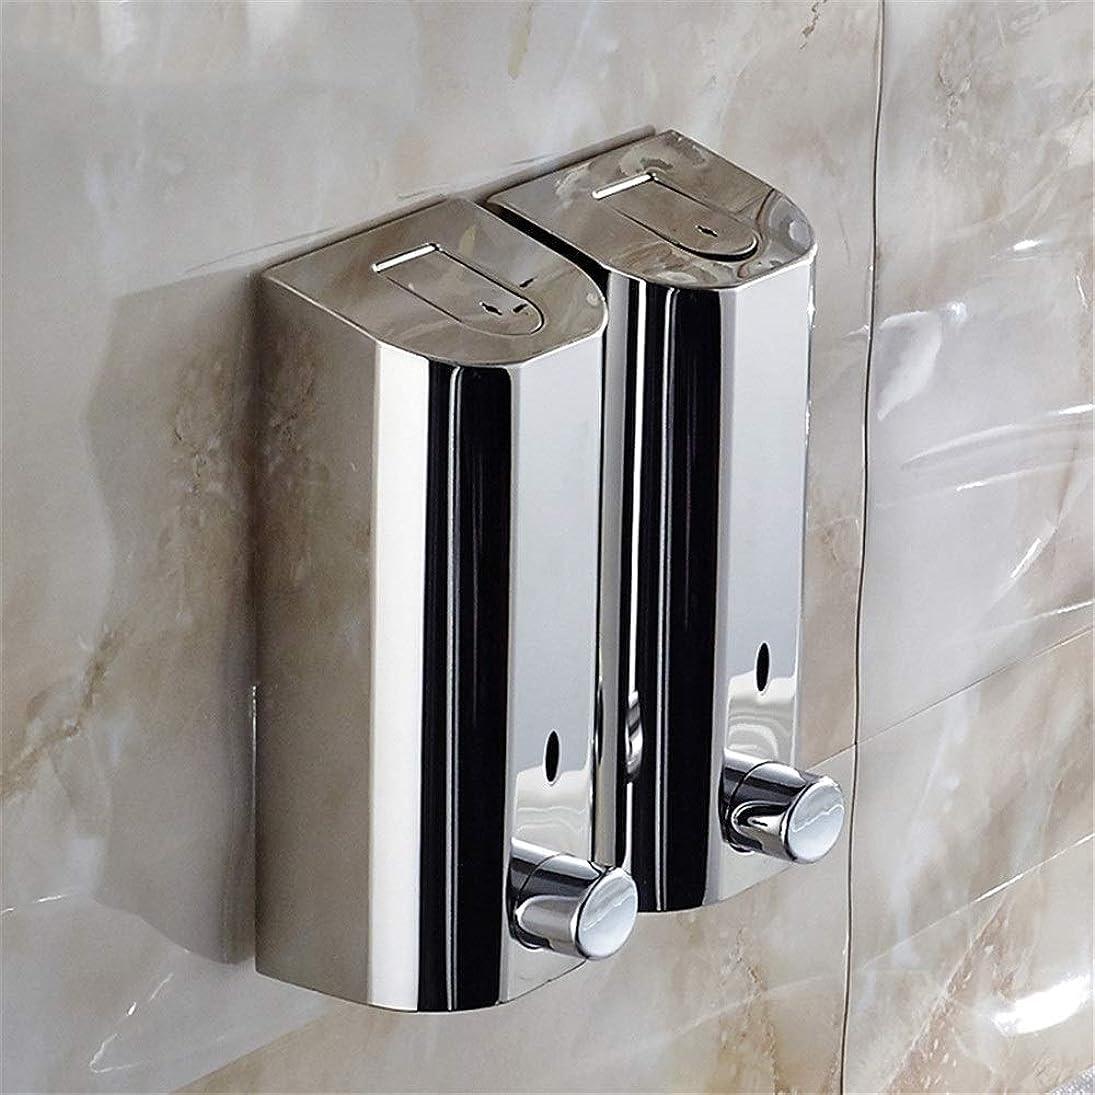 火曜日スキッパー強要自動石鹸ディスペンサー Hand Sanitizer Hotel Soap Liquid Bottle壁に取り付けられたシャワージェルボックスは、屋内ビジネスや公共スペースにシームレスに溶け込み、強化できます 泡石鹸ディスペンサー (色 : 銀, サイズ : 2 heads)